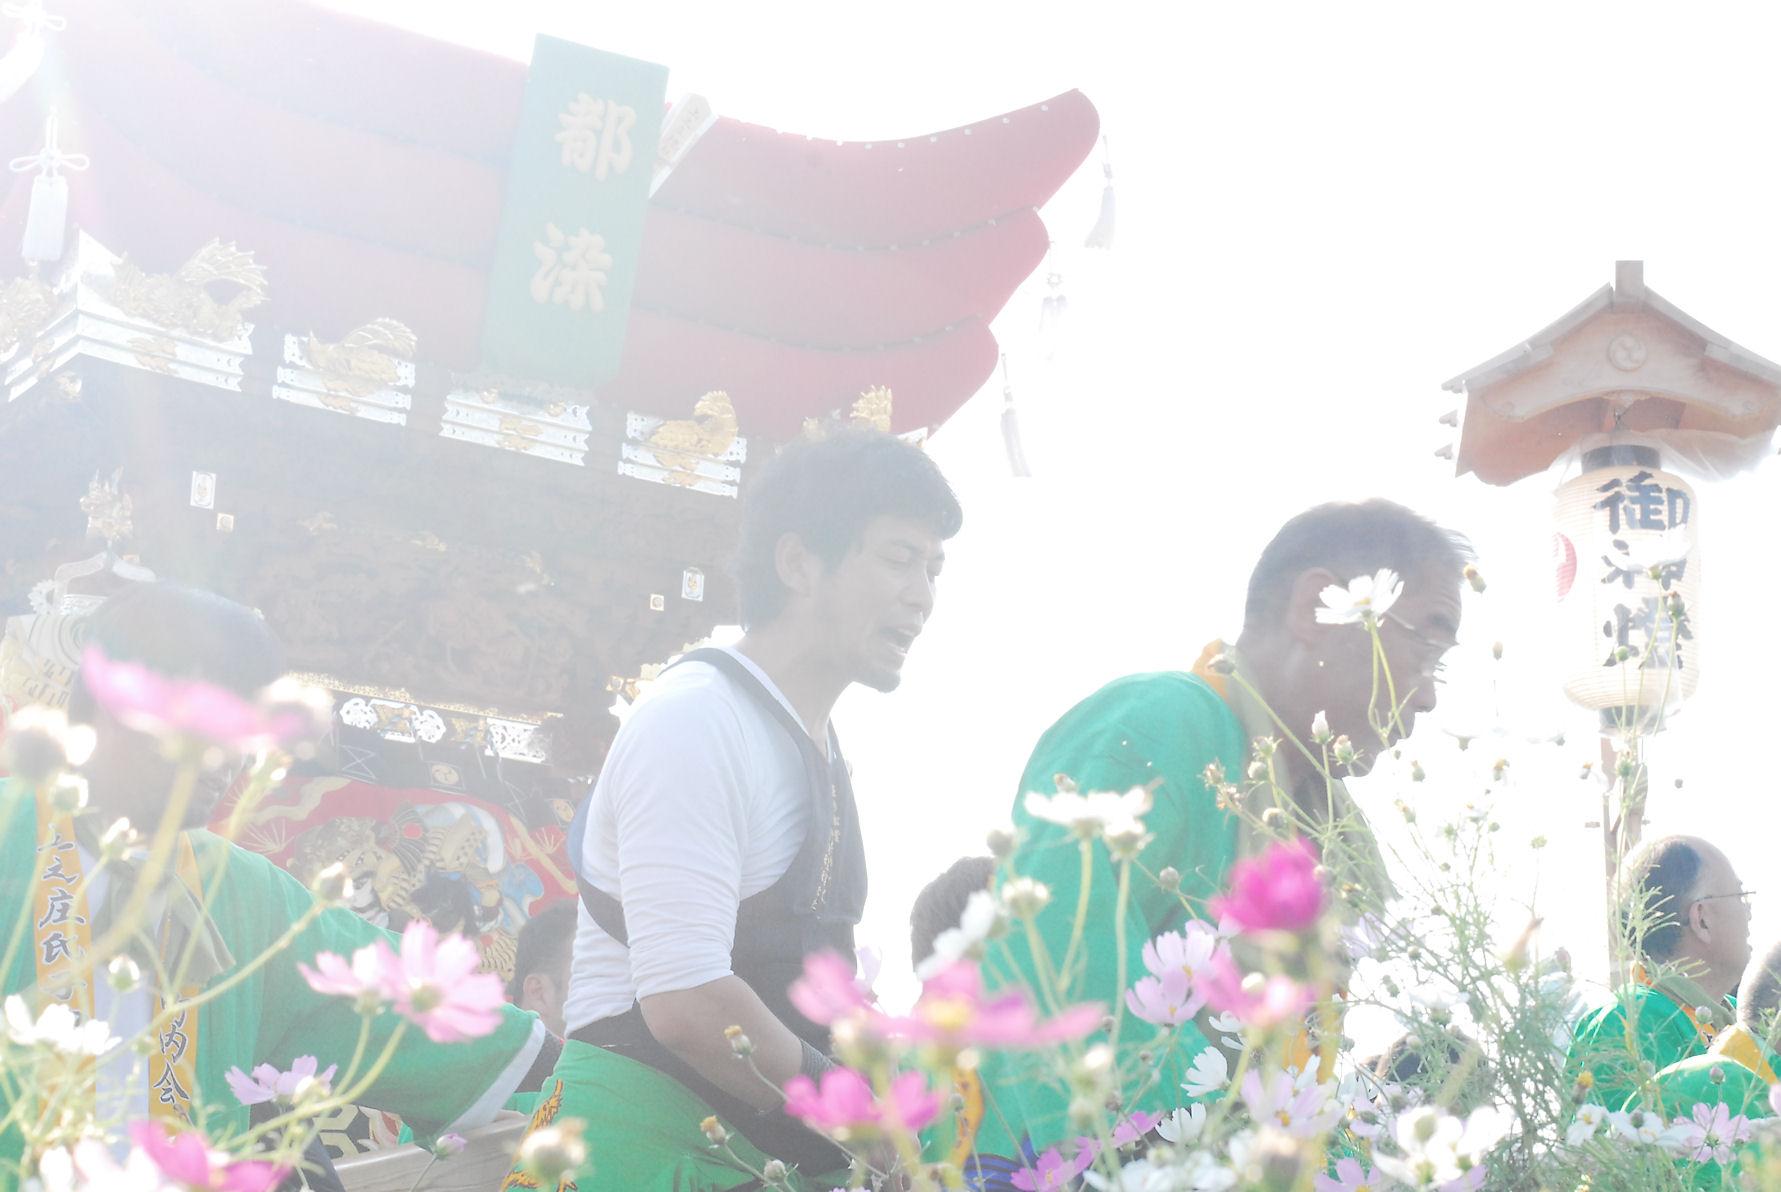 上荘神社の祭り16_c0136419_0412159.jpg